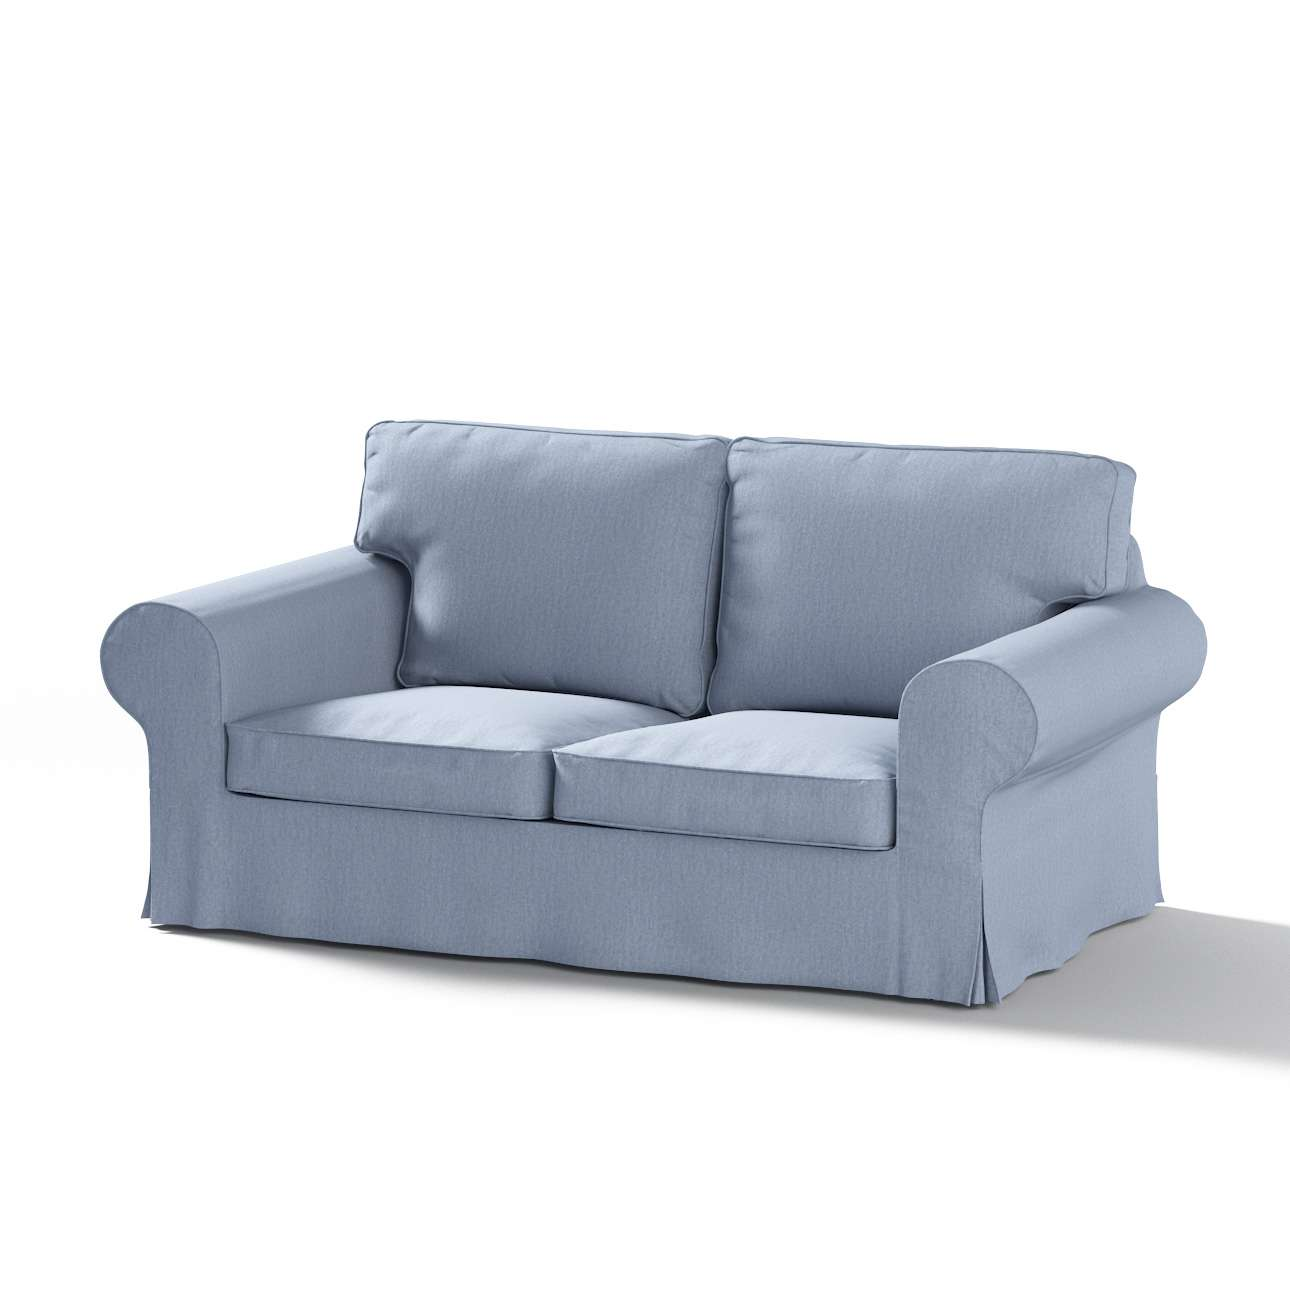 Ektorp dvivietės sofos su lova užvalkalas (naujas modelis nuo 2012 m) Ektorp dvivietės sofos-lovos užvalkalas (modelis nuo 2012 m) kolekcijoje Chenille, audinys: 702-13